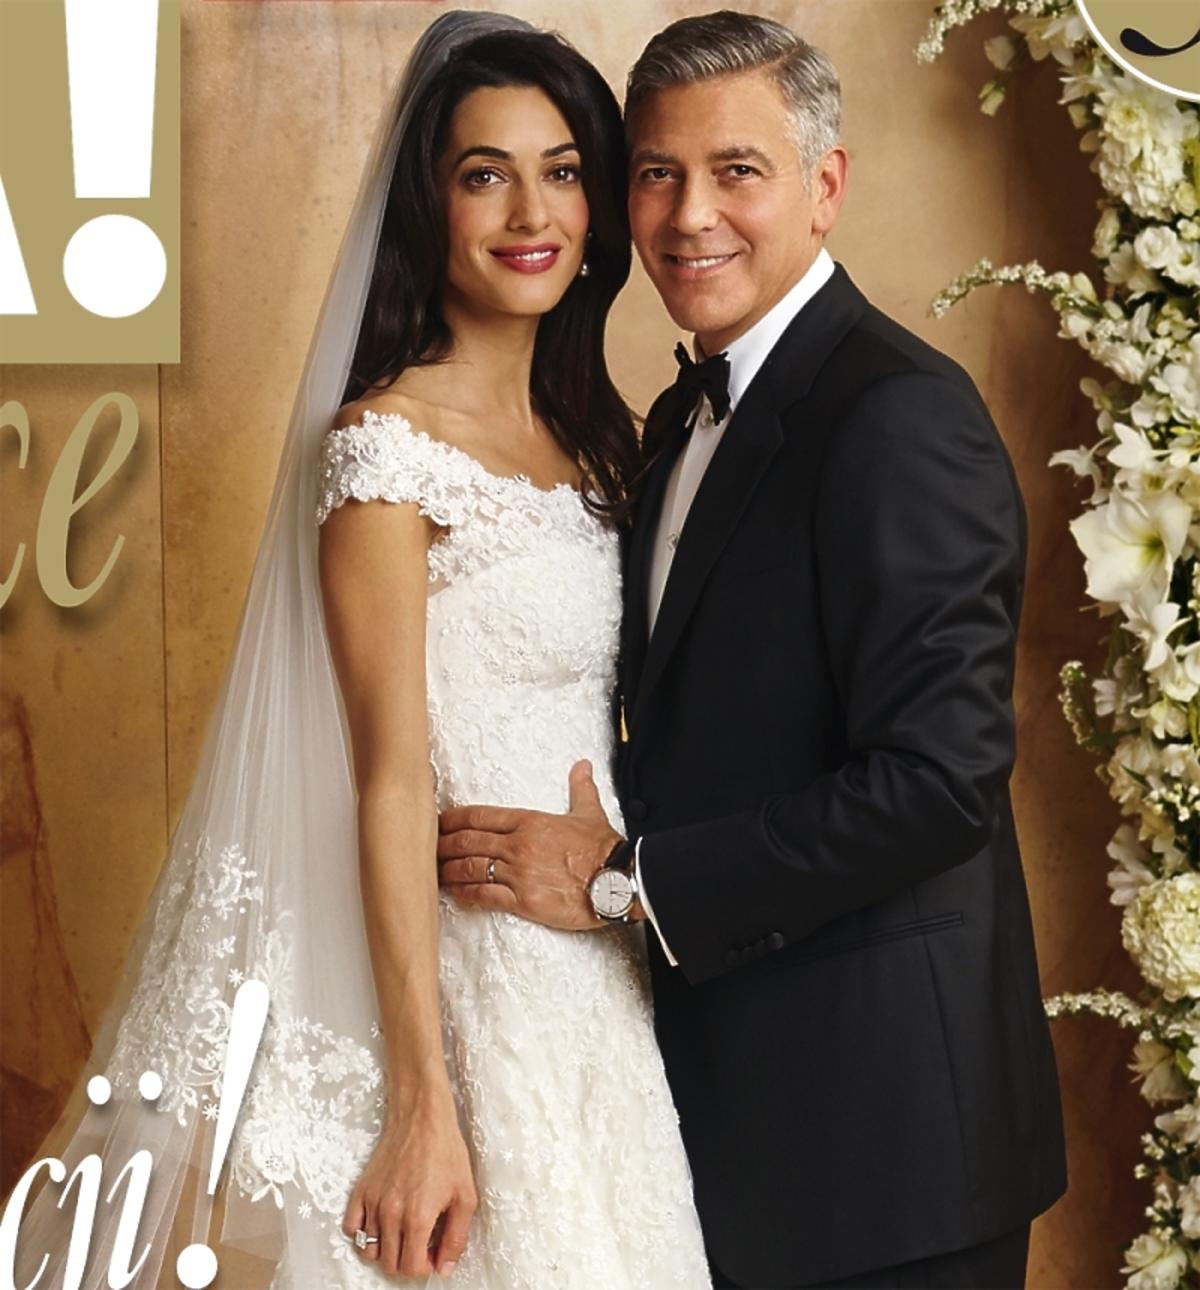 George Clooney z żoną na okładce Vivy. Ślubna sesja George Clooneya